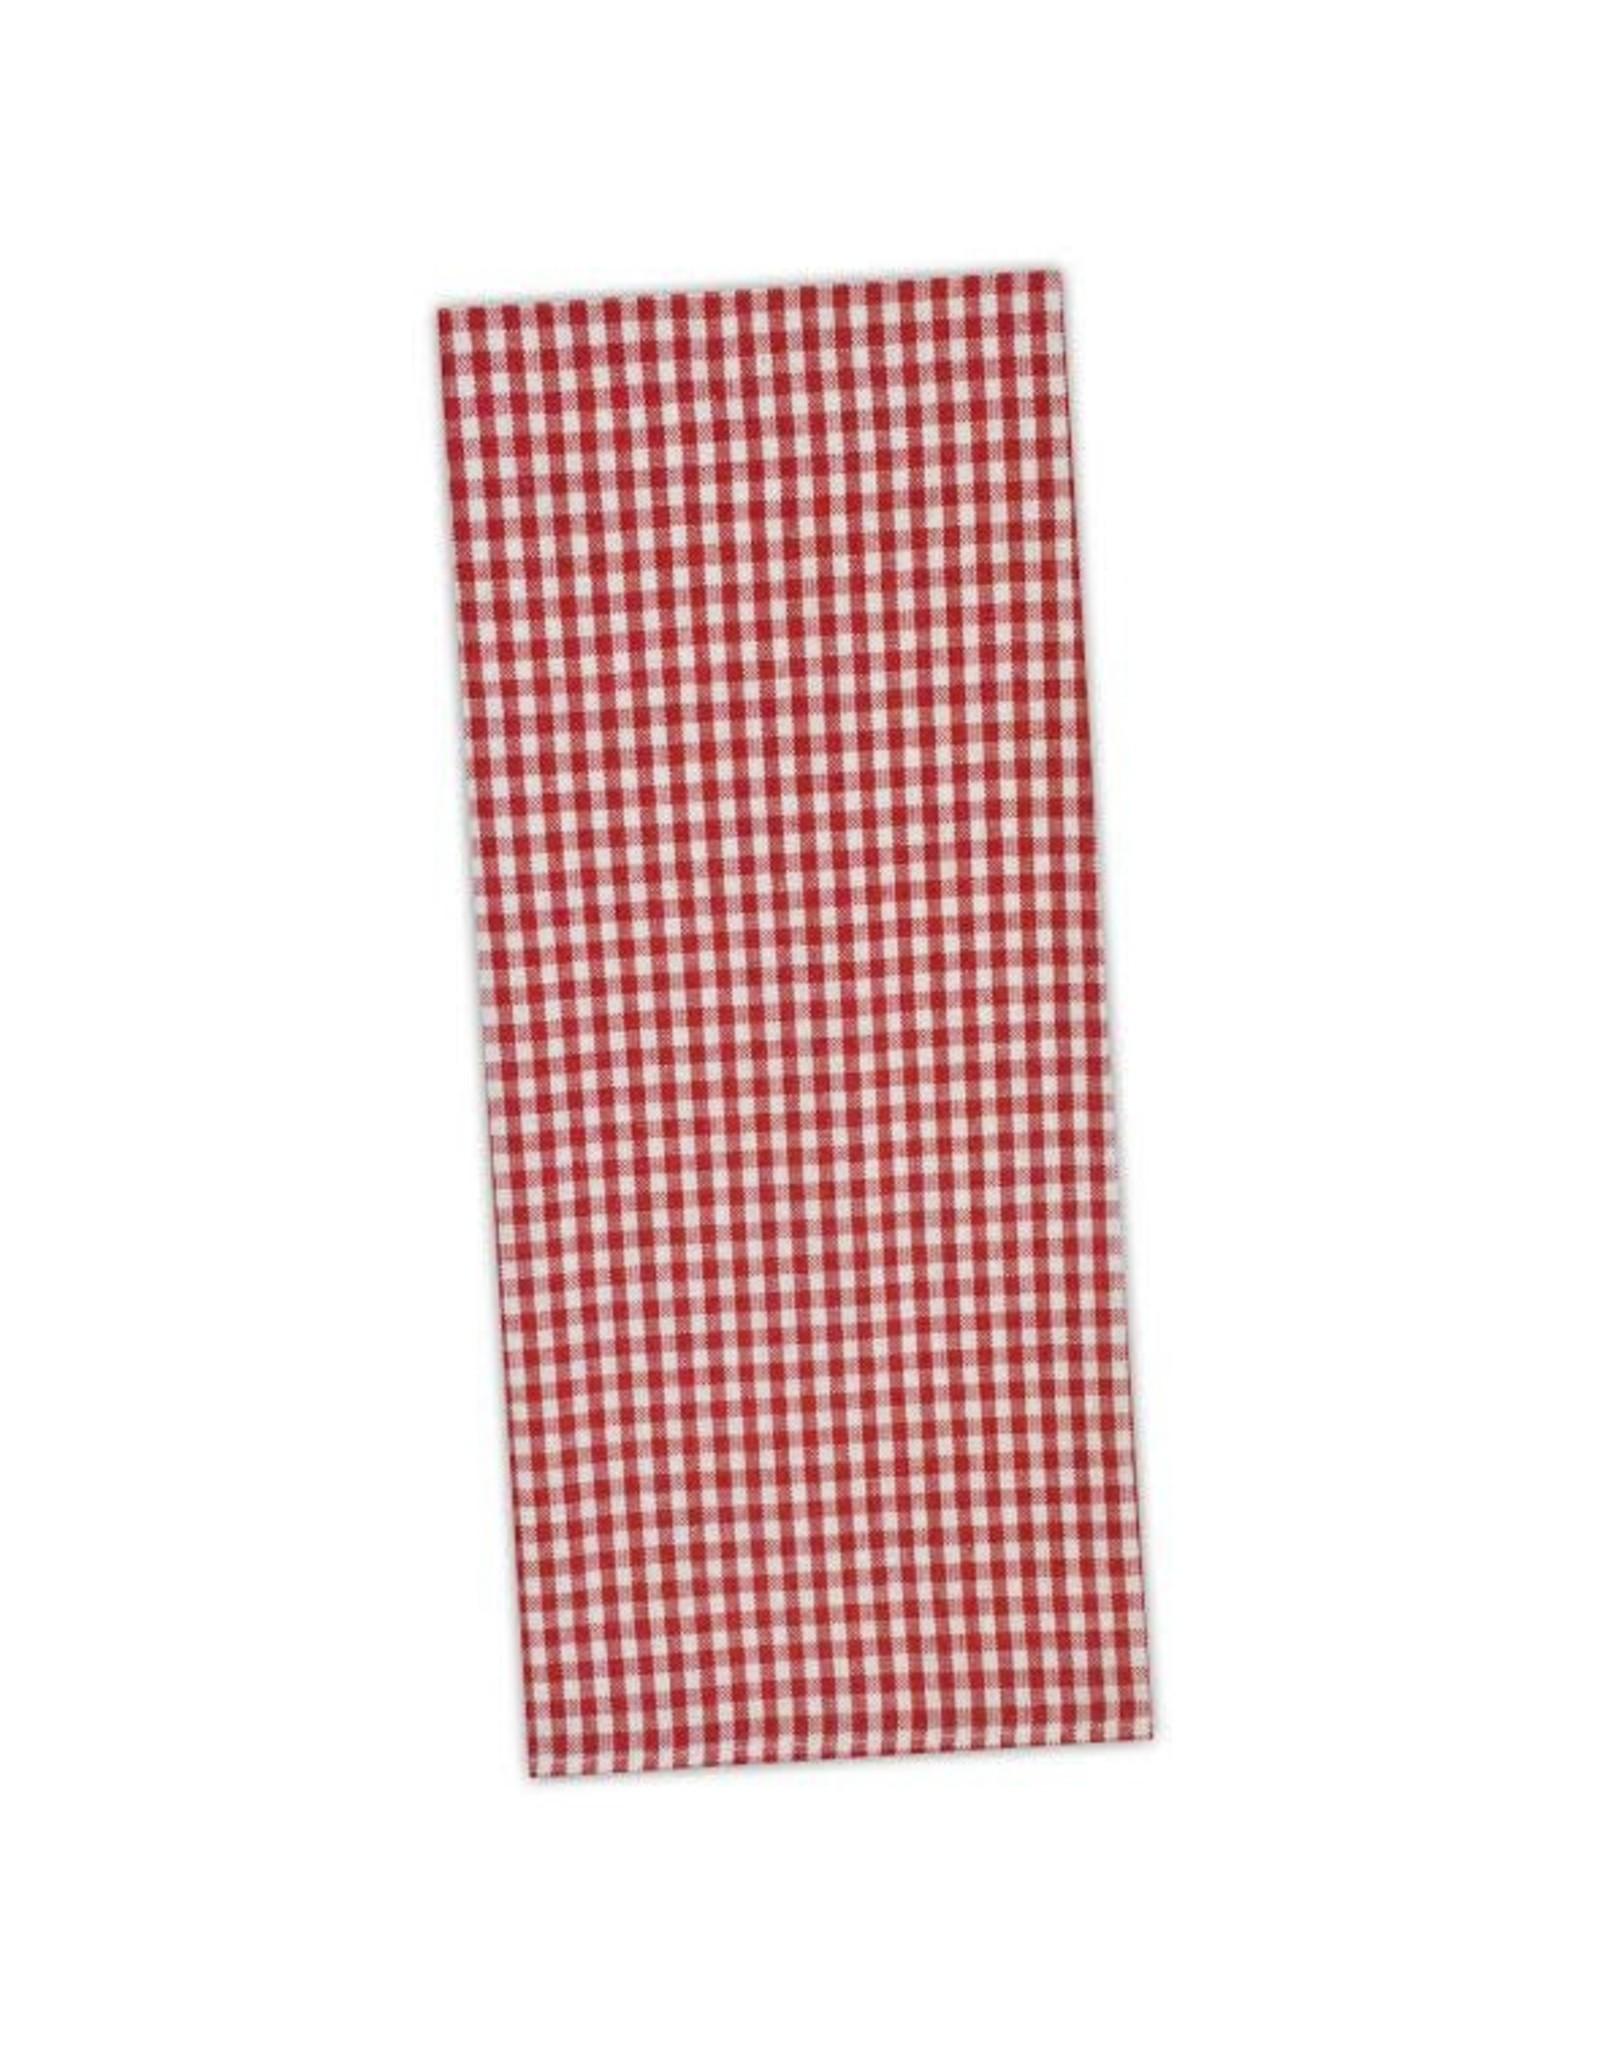 Design Imports DI Tango Red Chef Check Towel